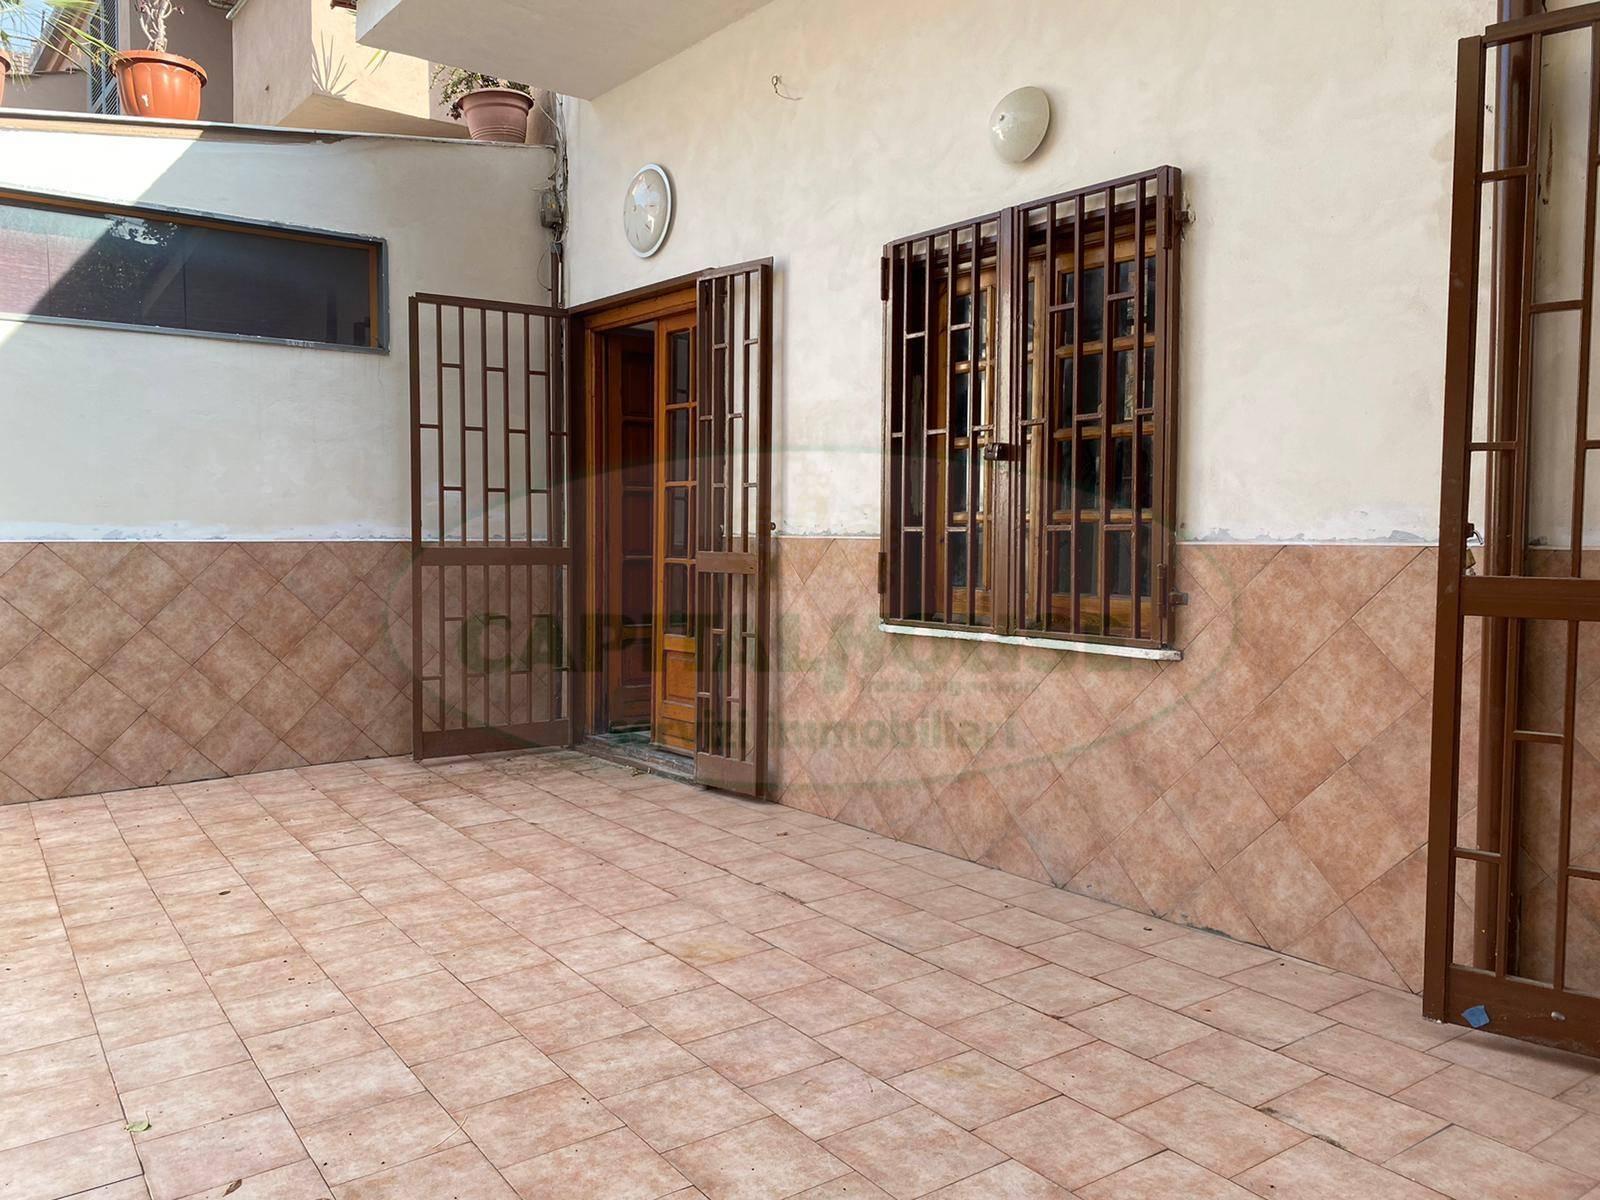 Appartamento in affitto a Afragola, 2 locali, zona Località: ZonaSanMarco, prezzo € 350 | CambioCasa.it